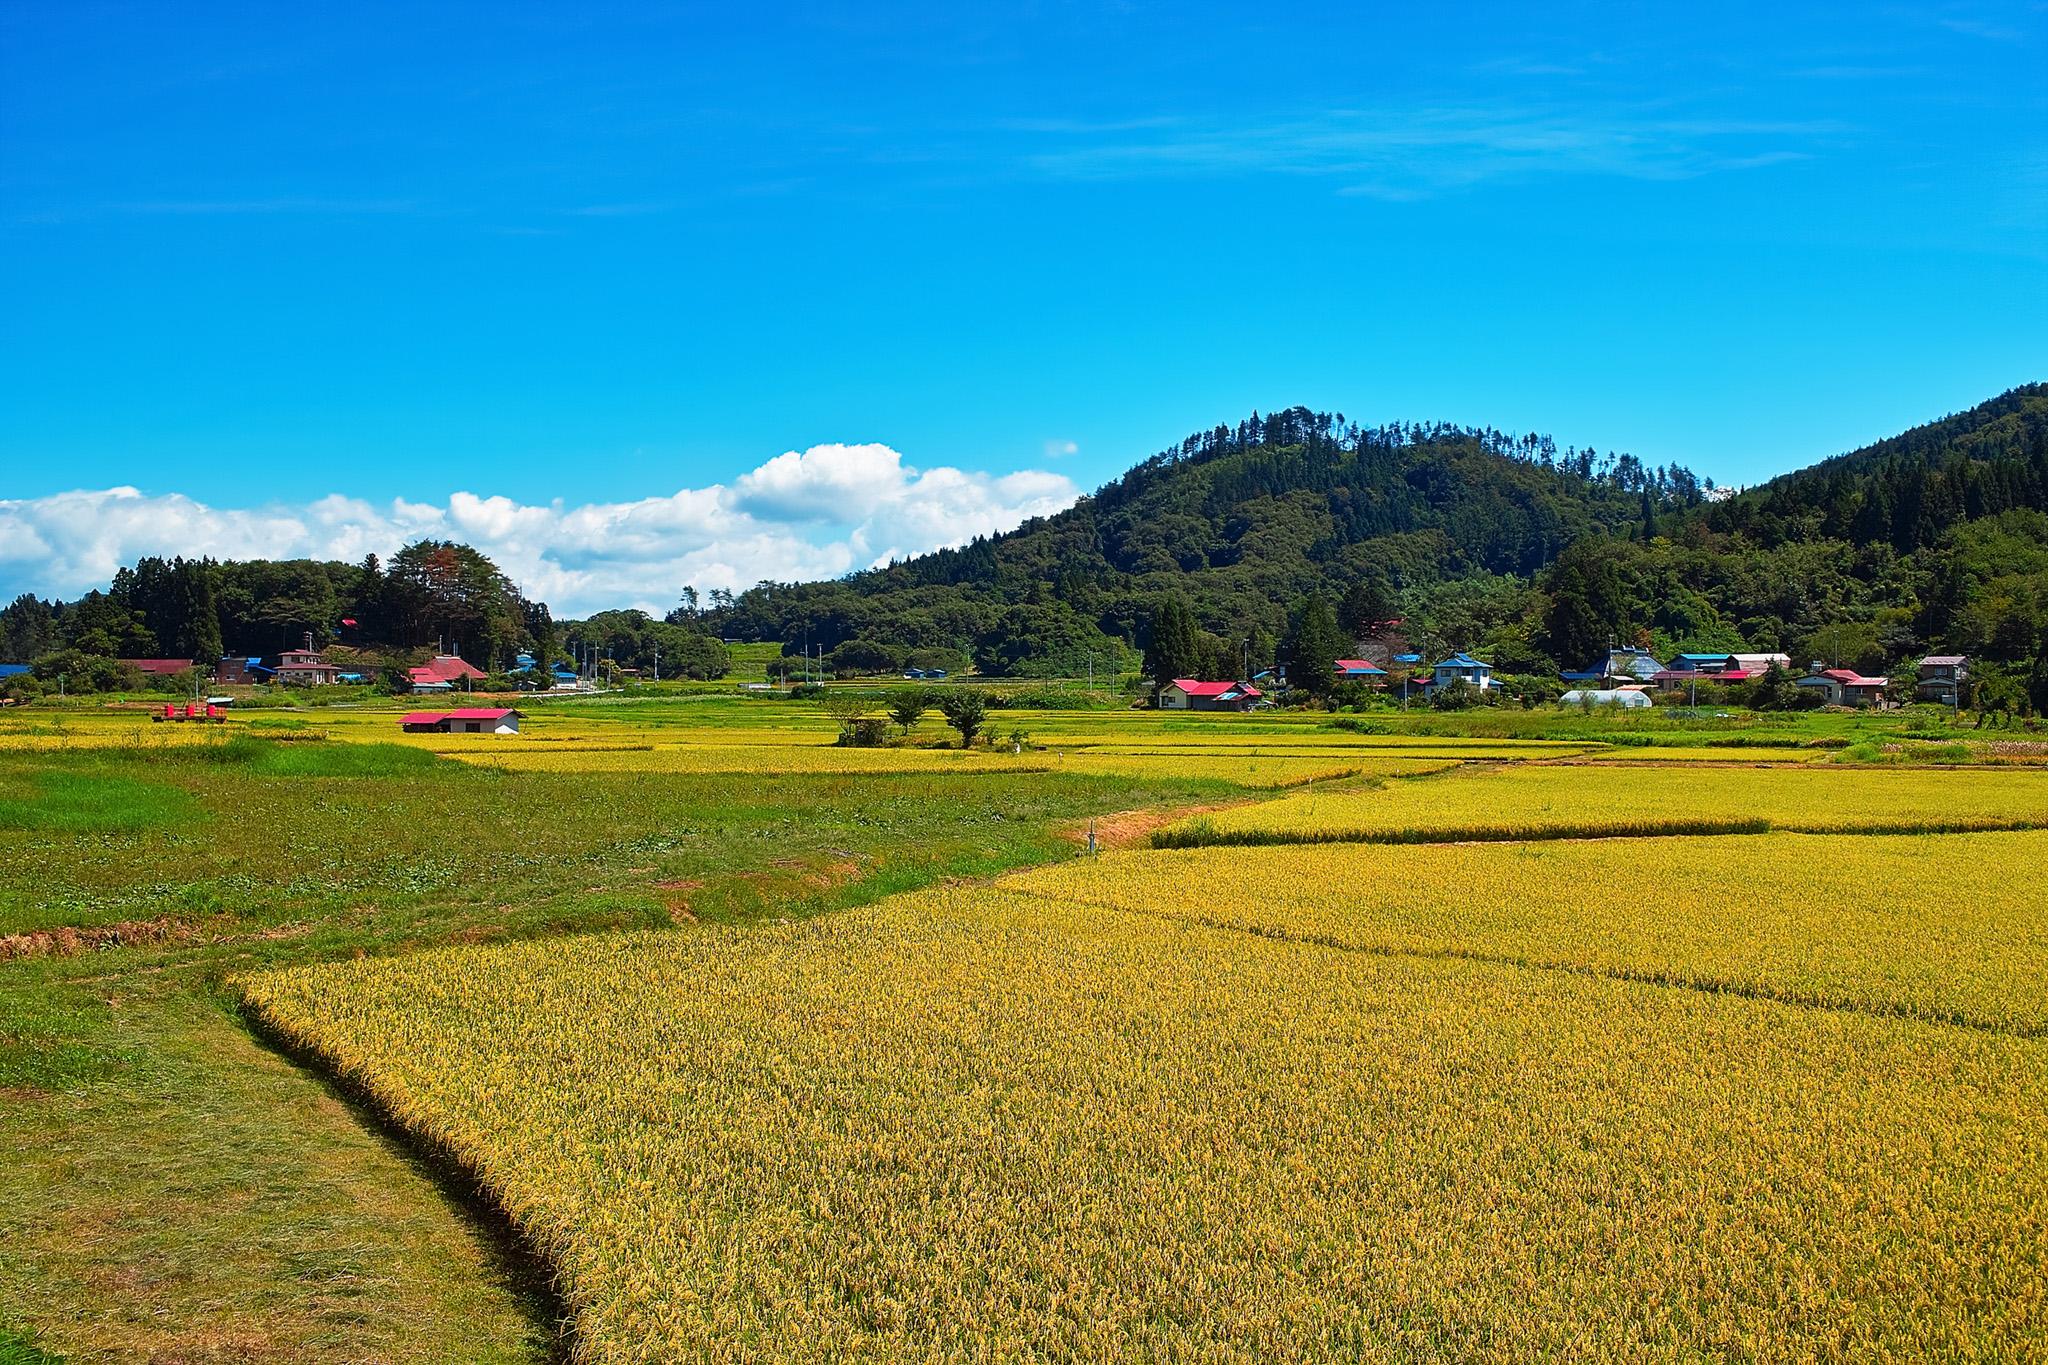 「稲刈り前の豊かな田園風景」